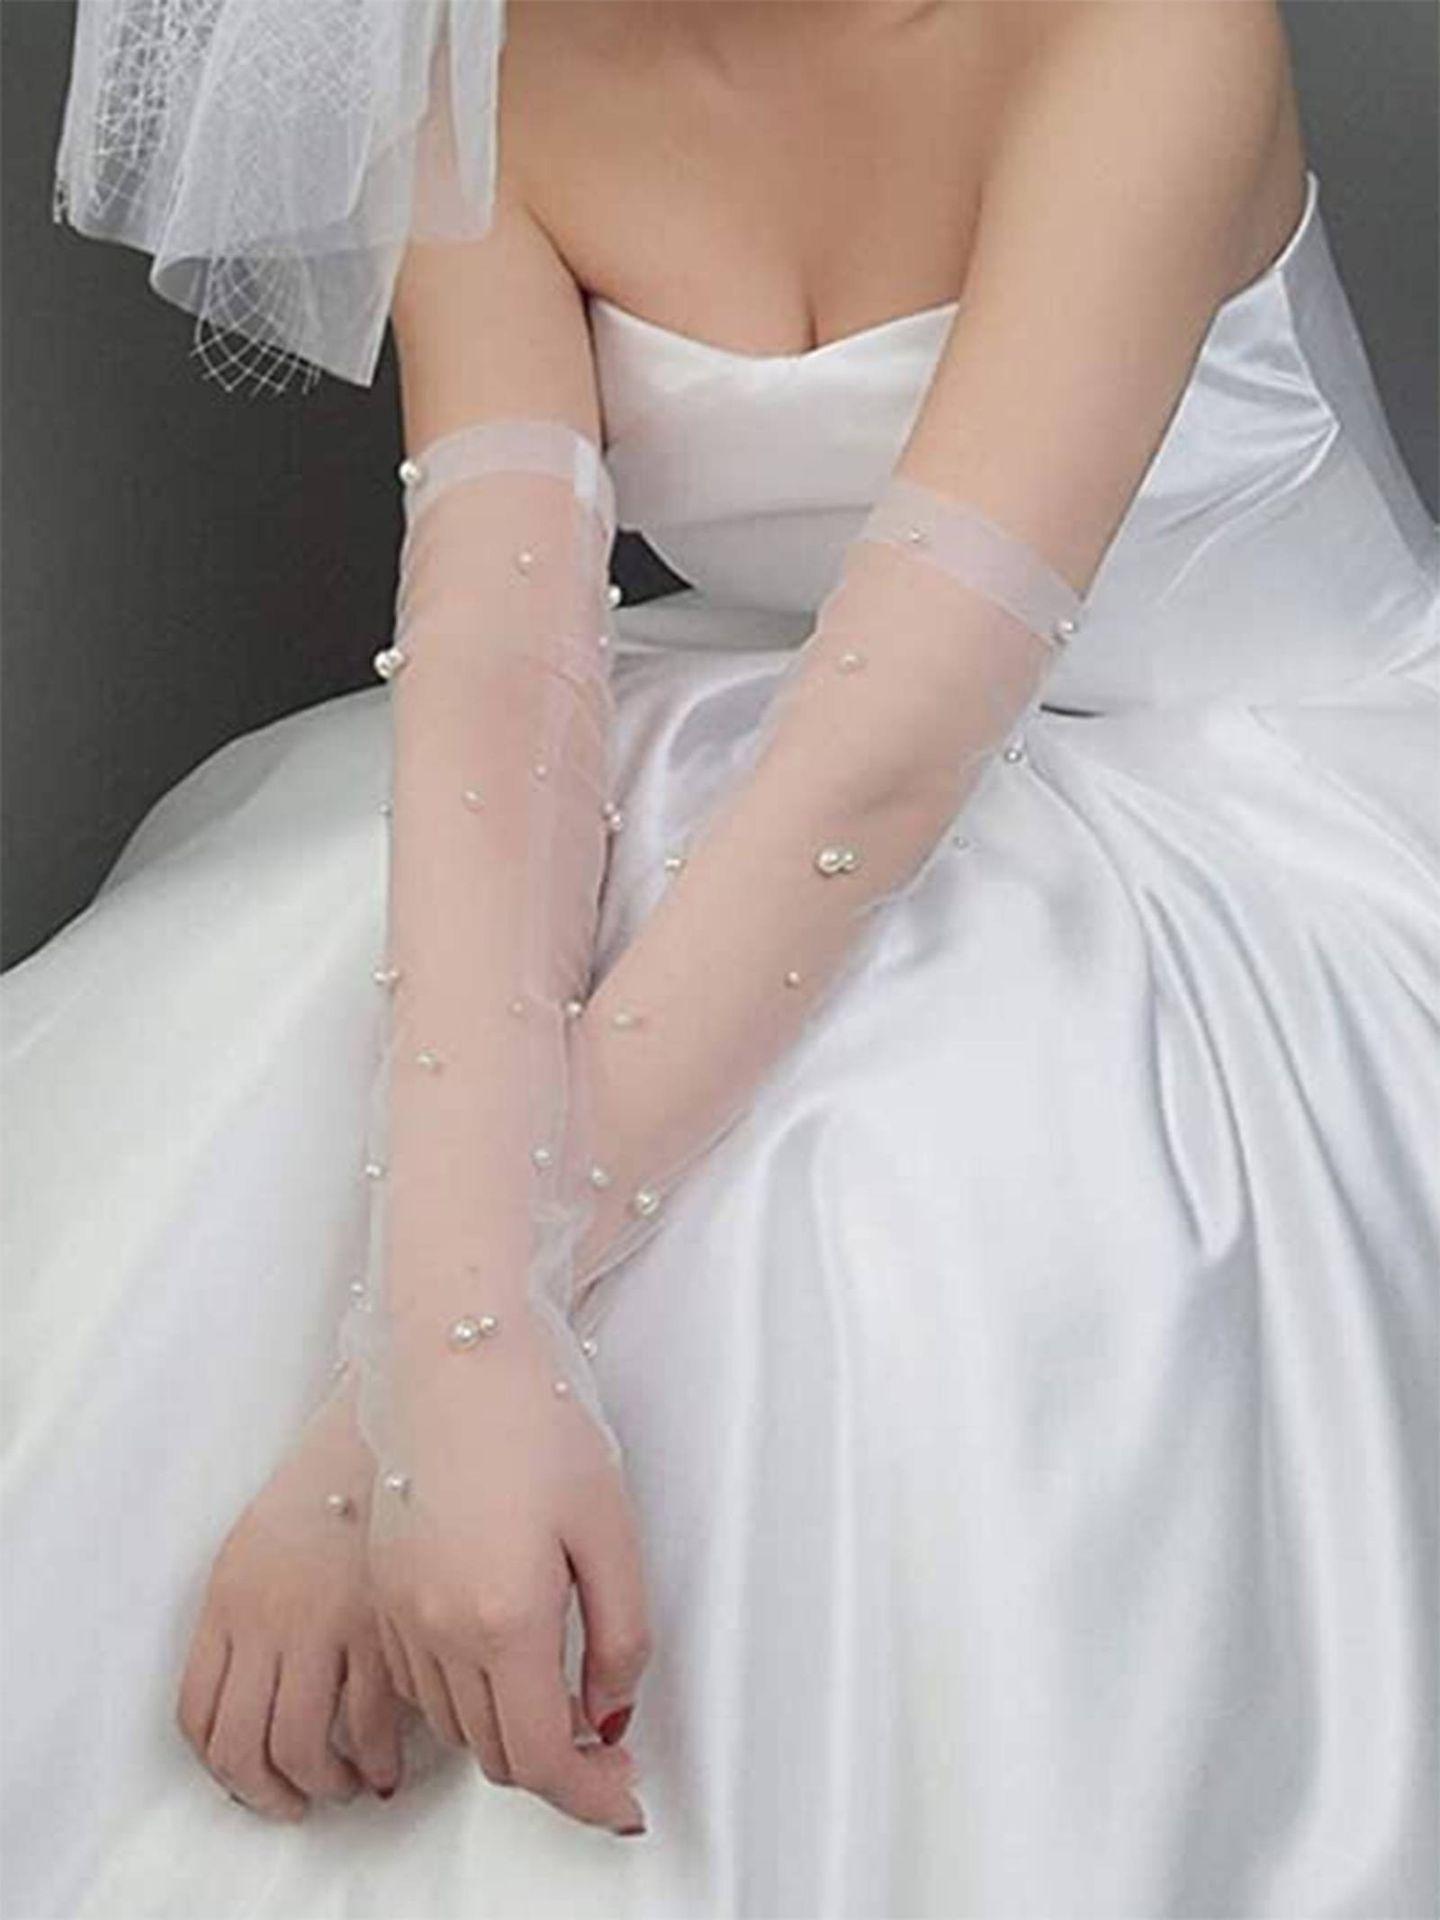 Guantes para novia de MoreChioce / Amazon. (Cortesía)